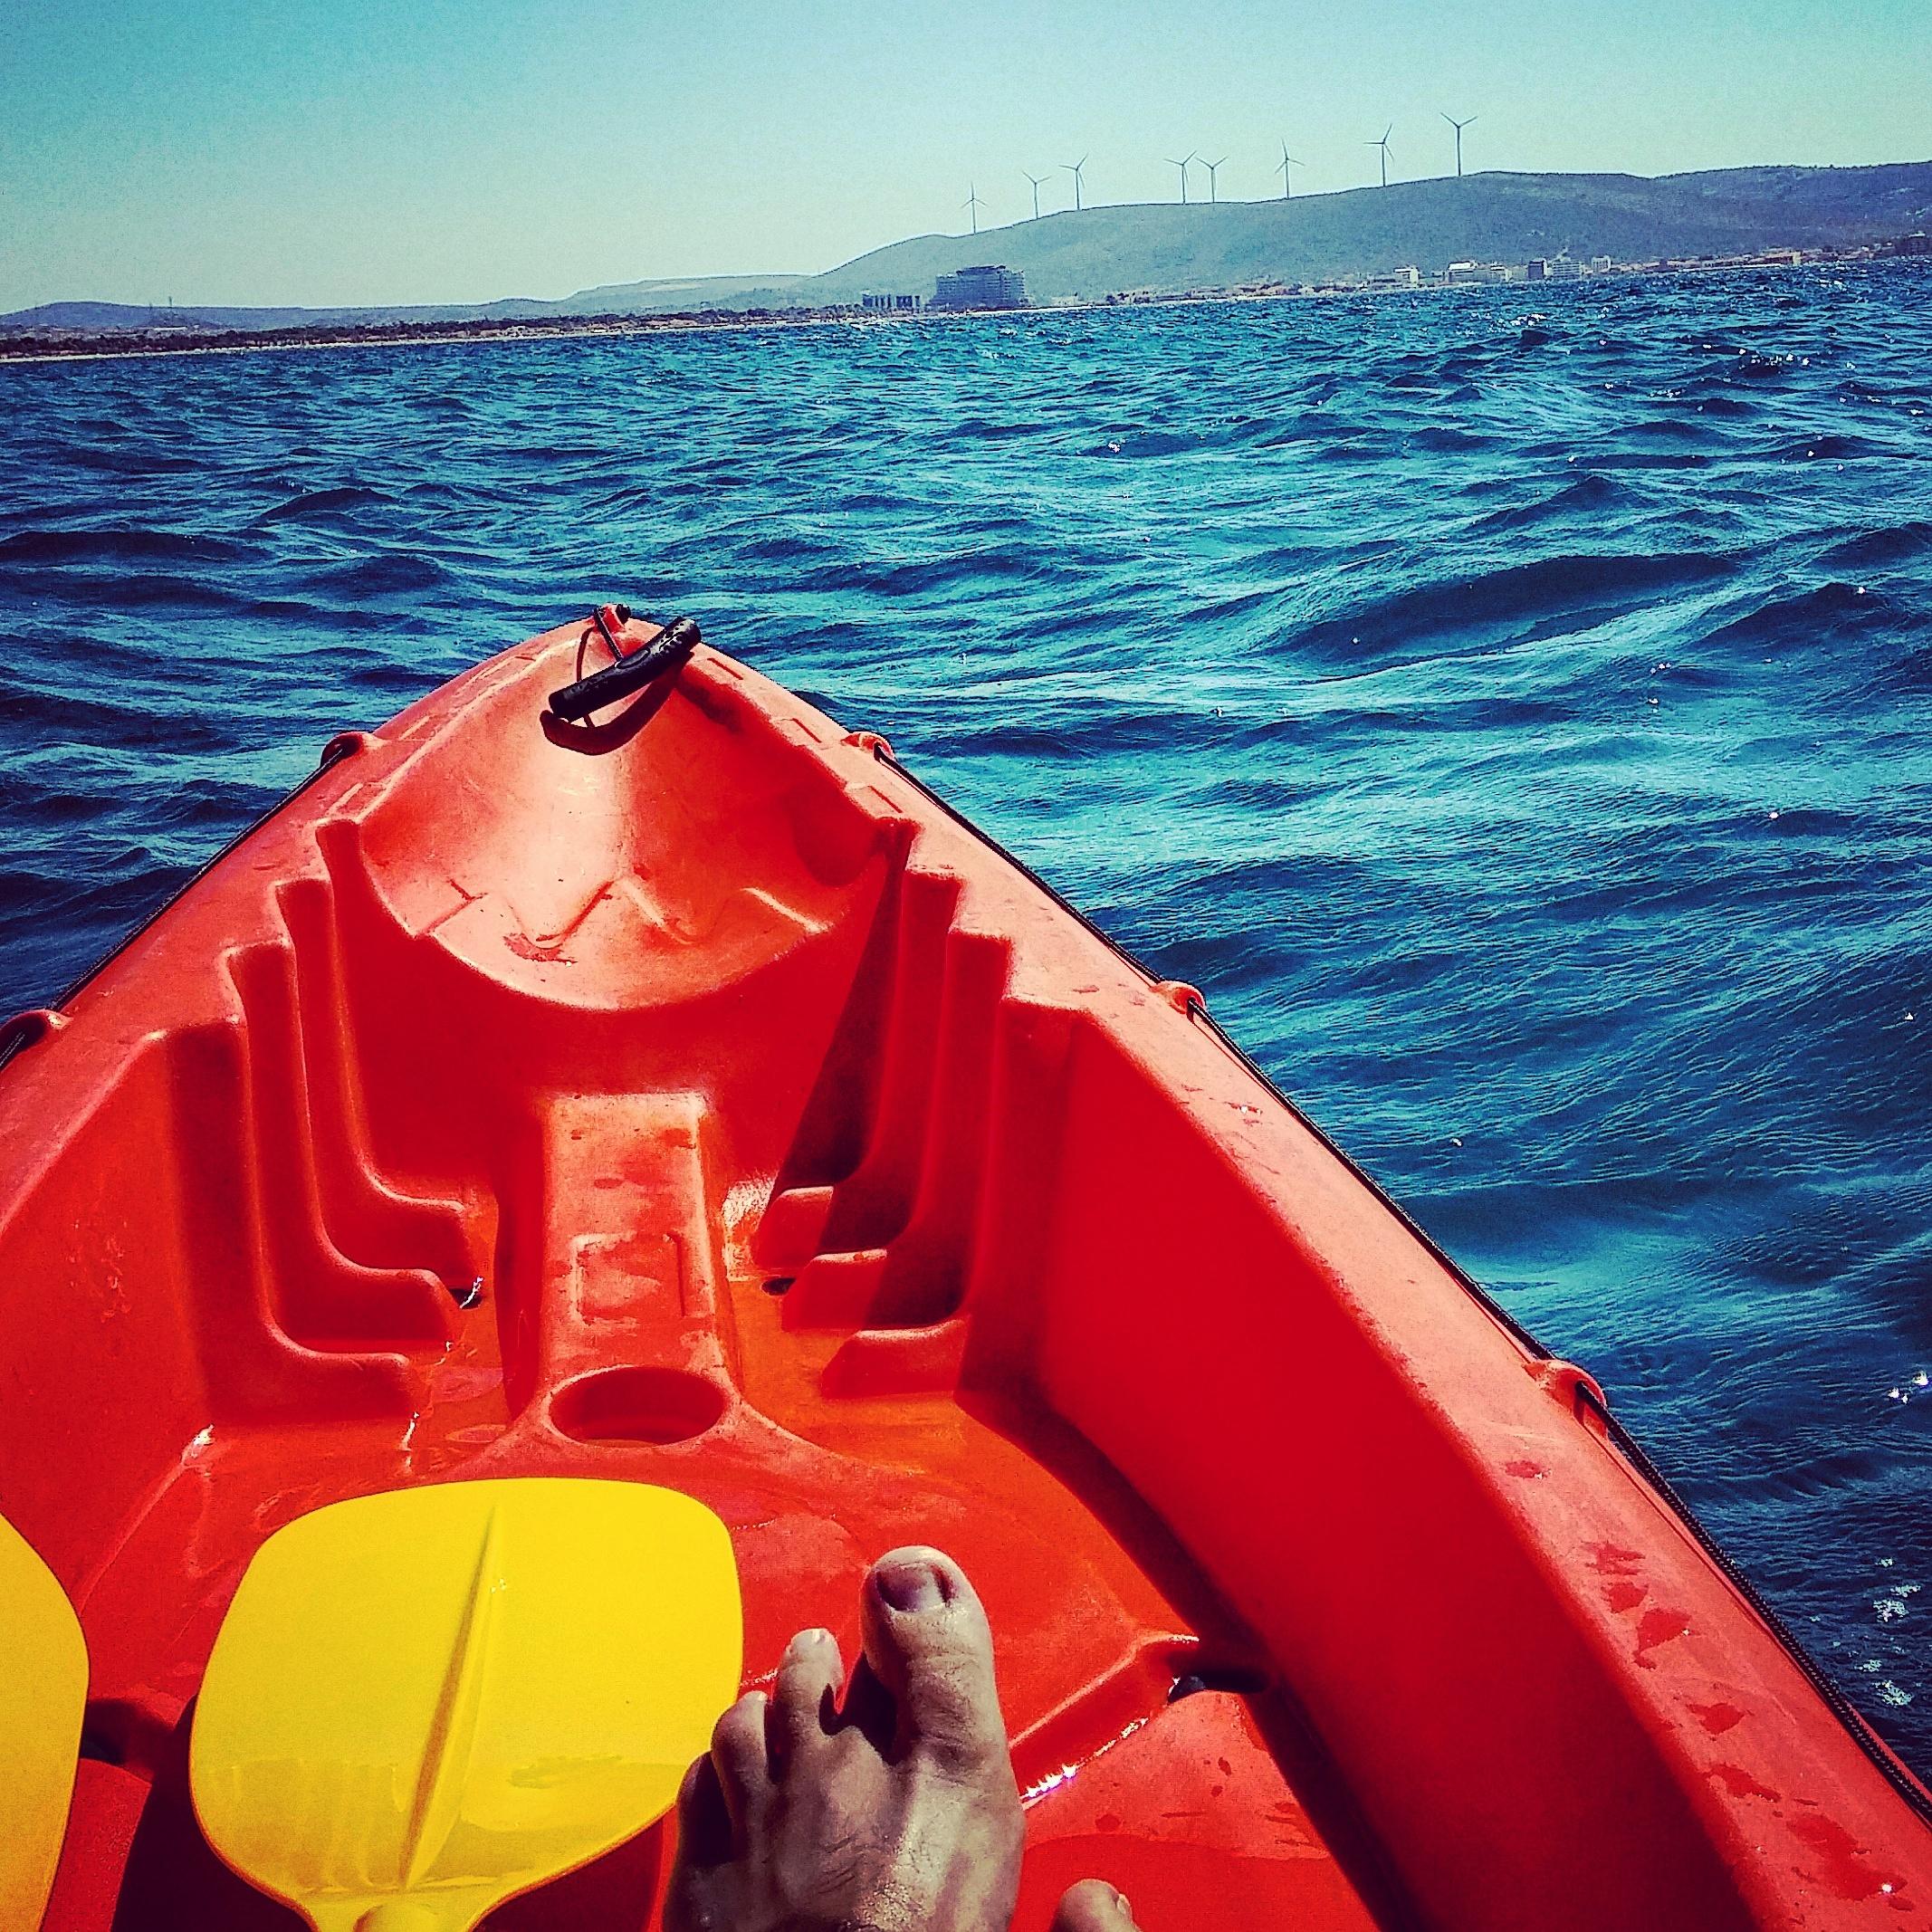 denizden entry girmek